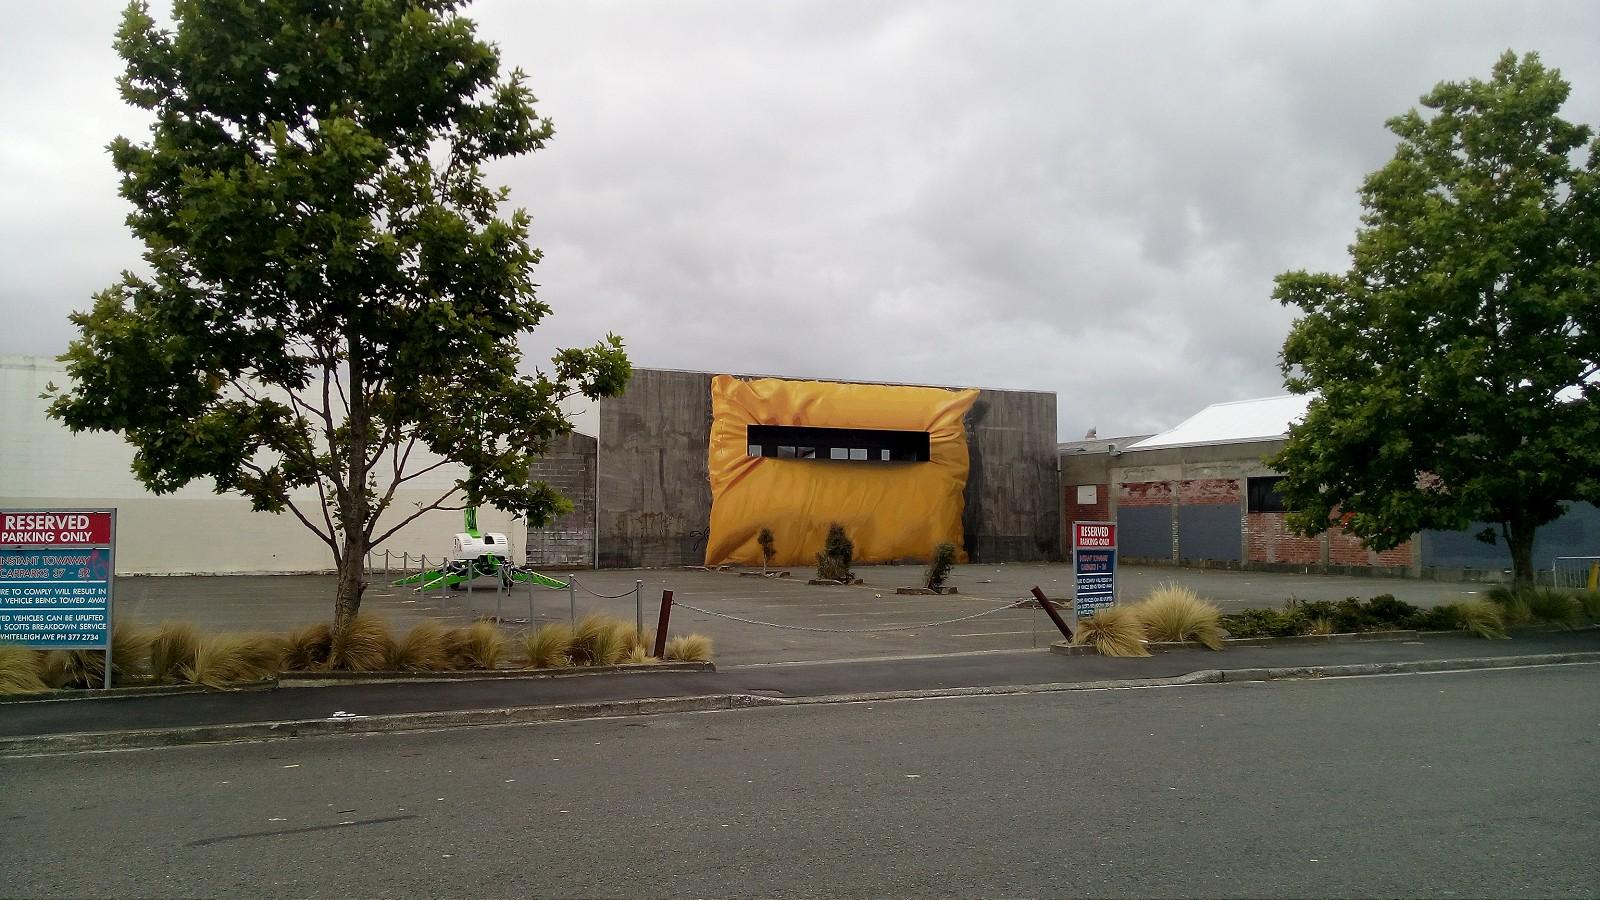 I due murales di Ampparito per lo Street Prints in Nuova Zelanda | Collater.al 5